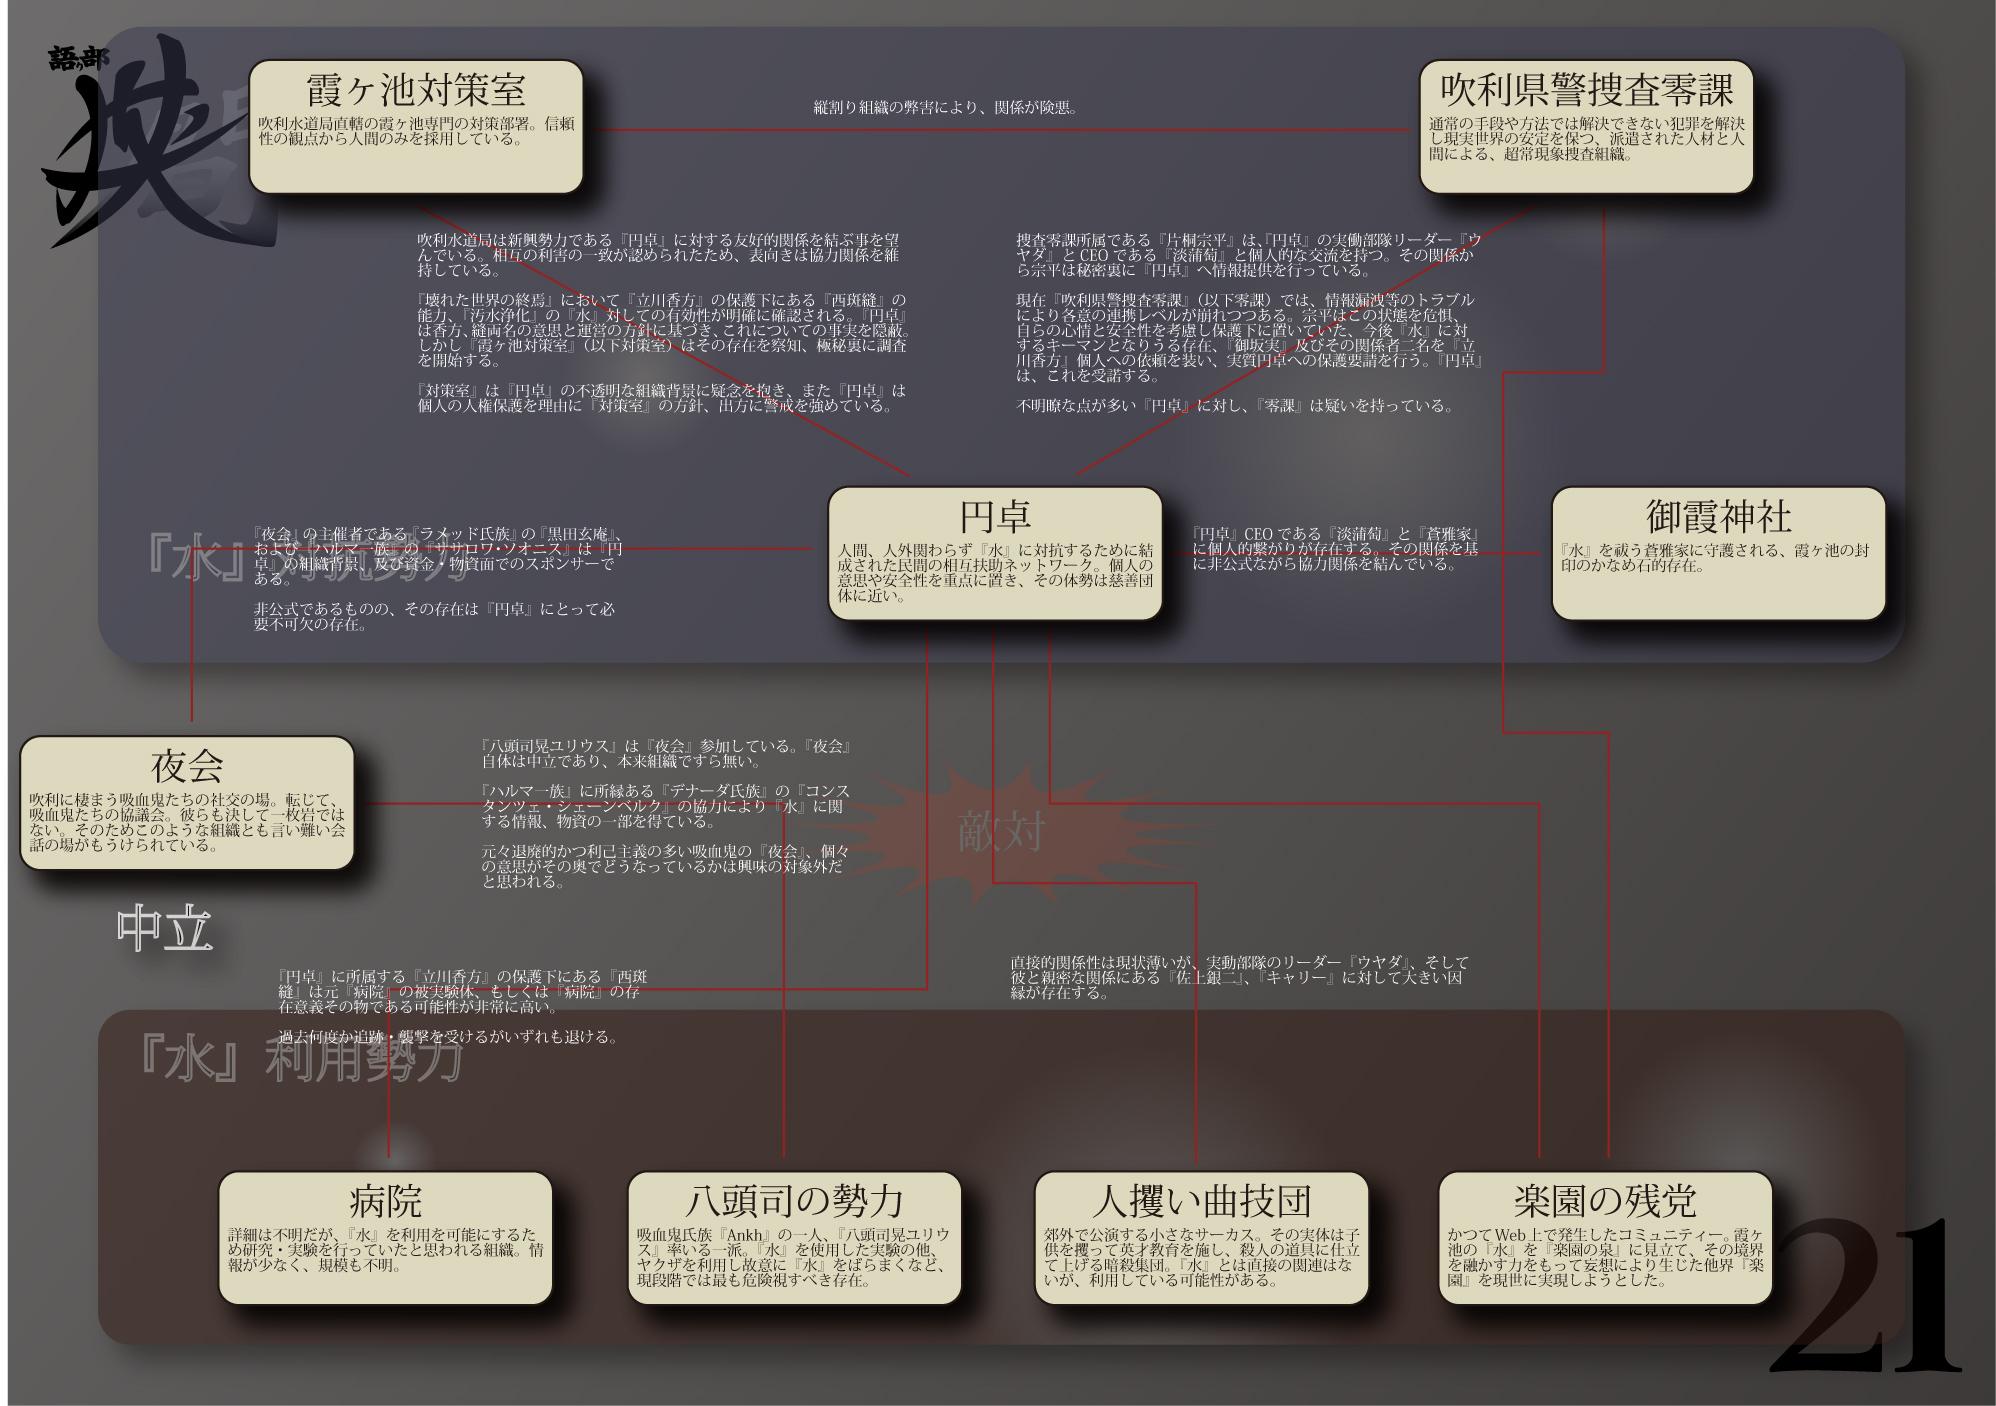 HA21組織相関図。2009/1/6現在 CG